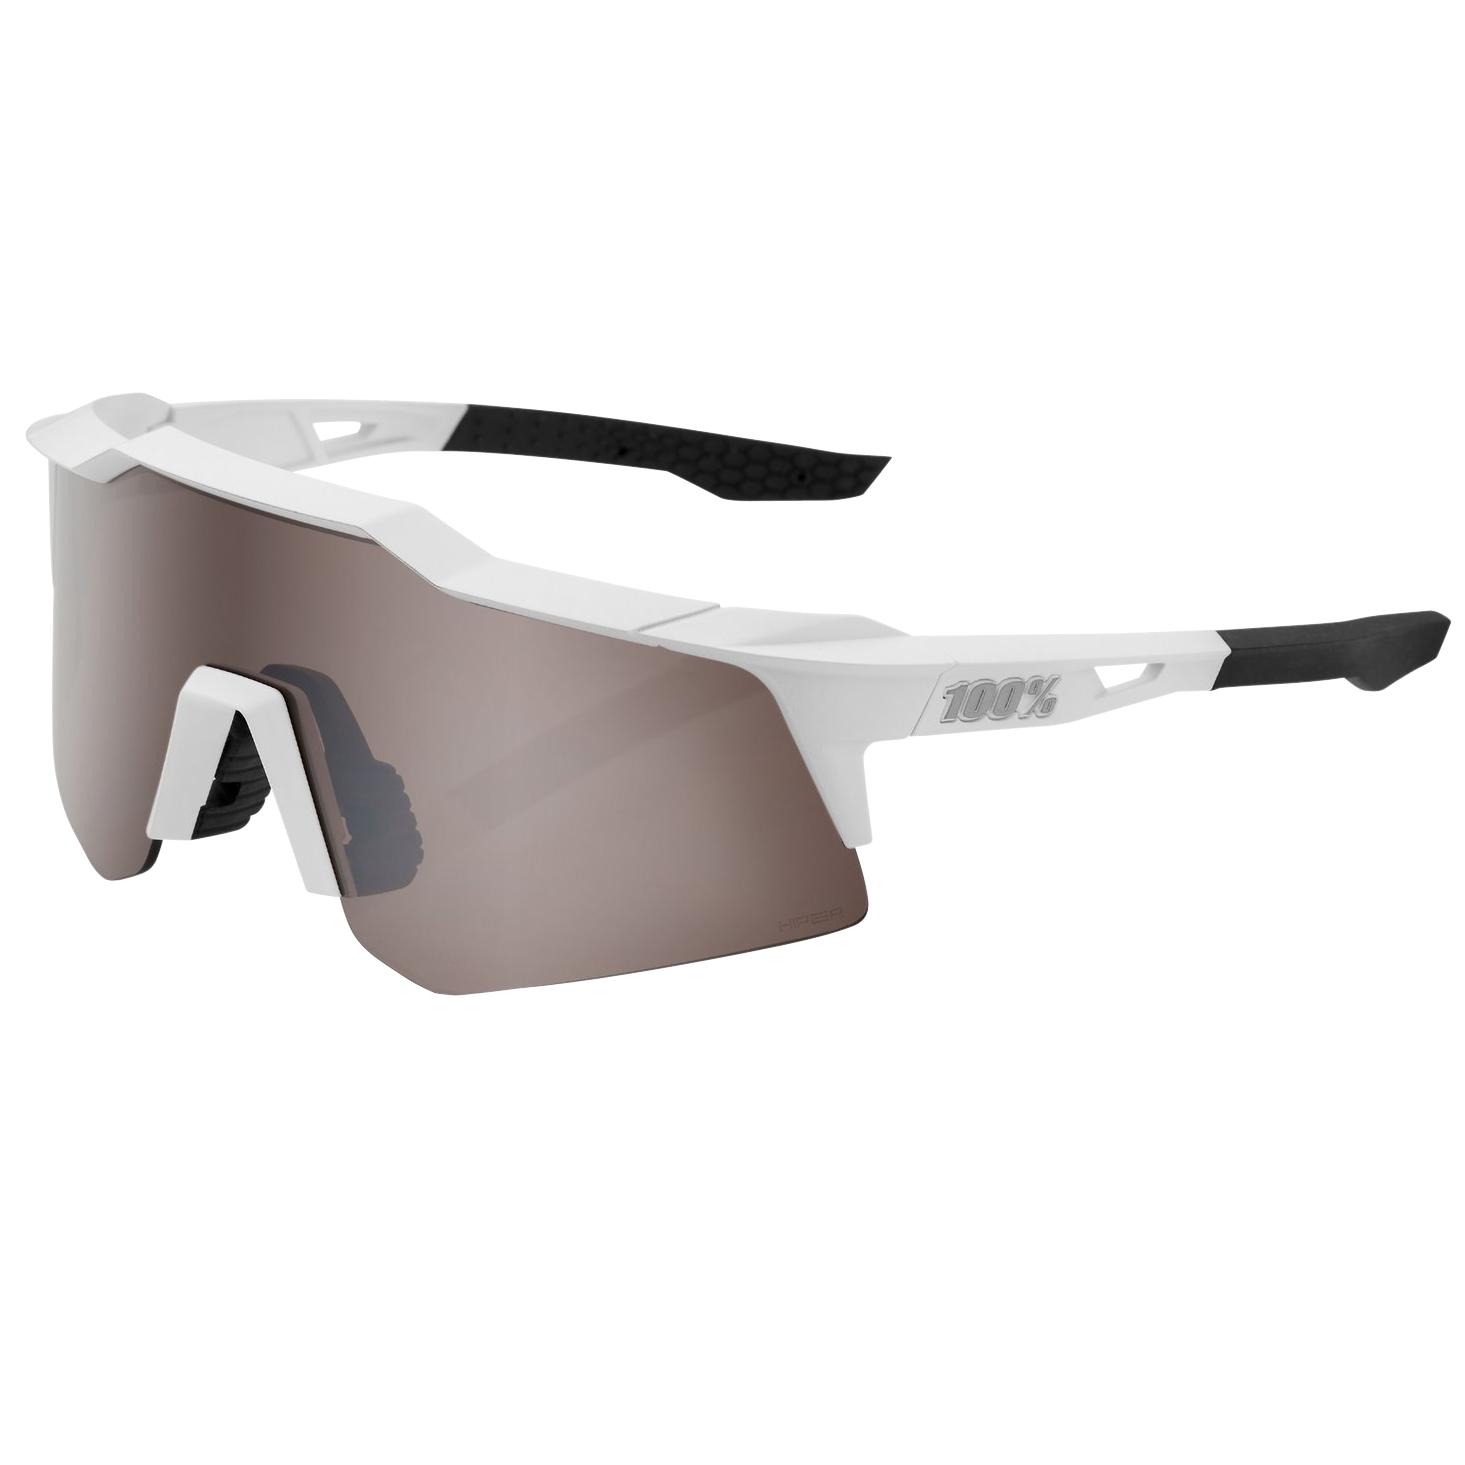 100% Speedcraft - XS - HiPER Gafas - Matte White HiPER Silver Mirror + Clear